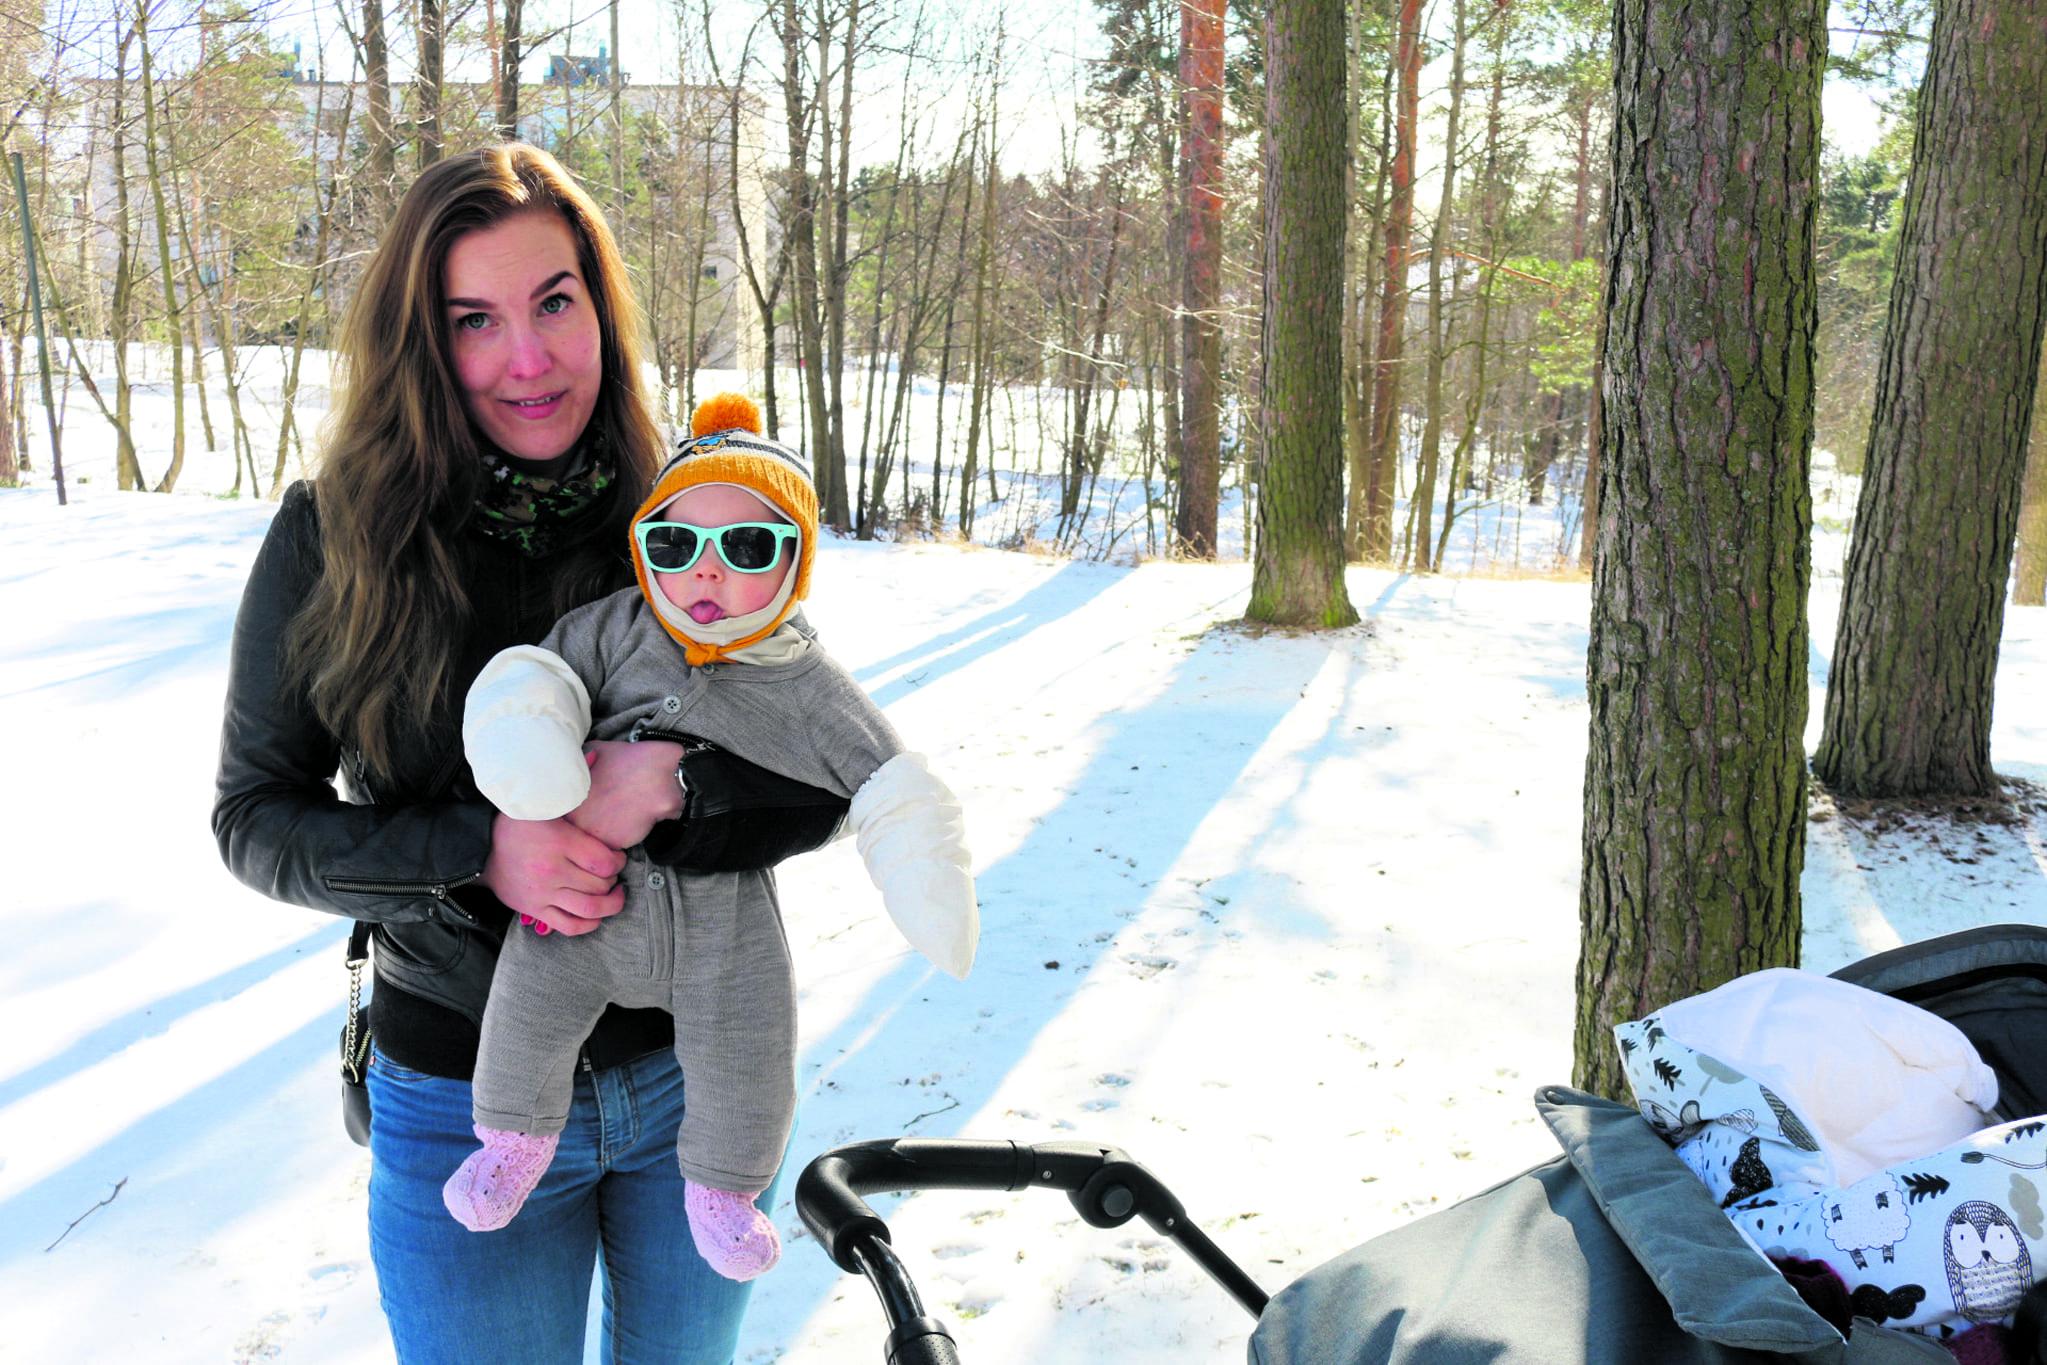 Merikorttikujalla asuva seniorihoitaja Merituuli Nylund, 26, on vanhempainvapaalla, sylissä Iris-vauva.